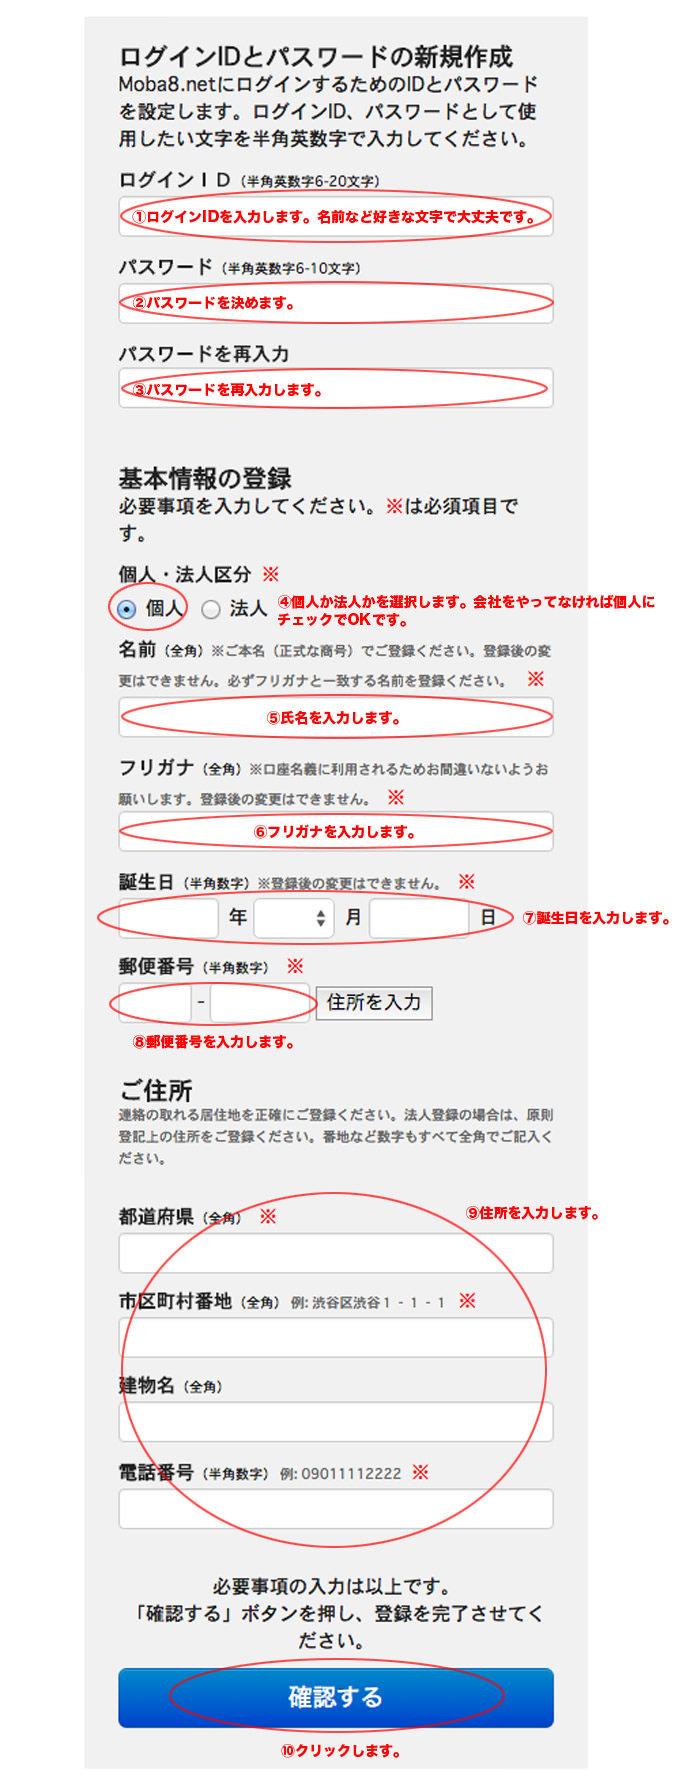 moba8.net基本情報登録